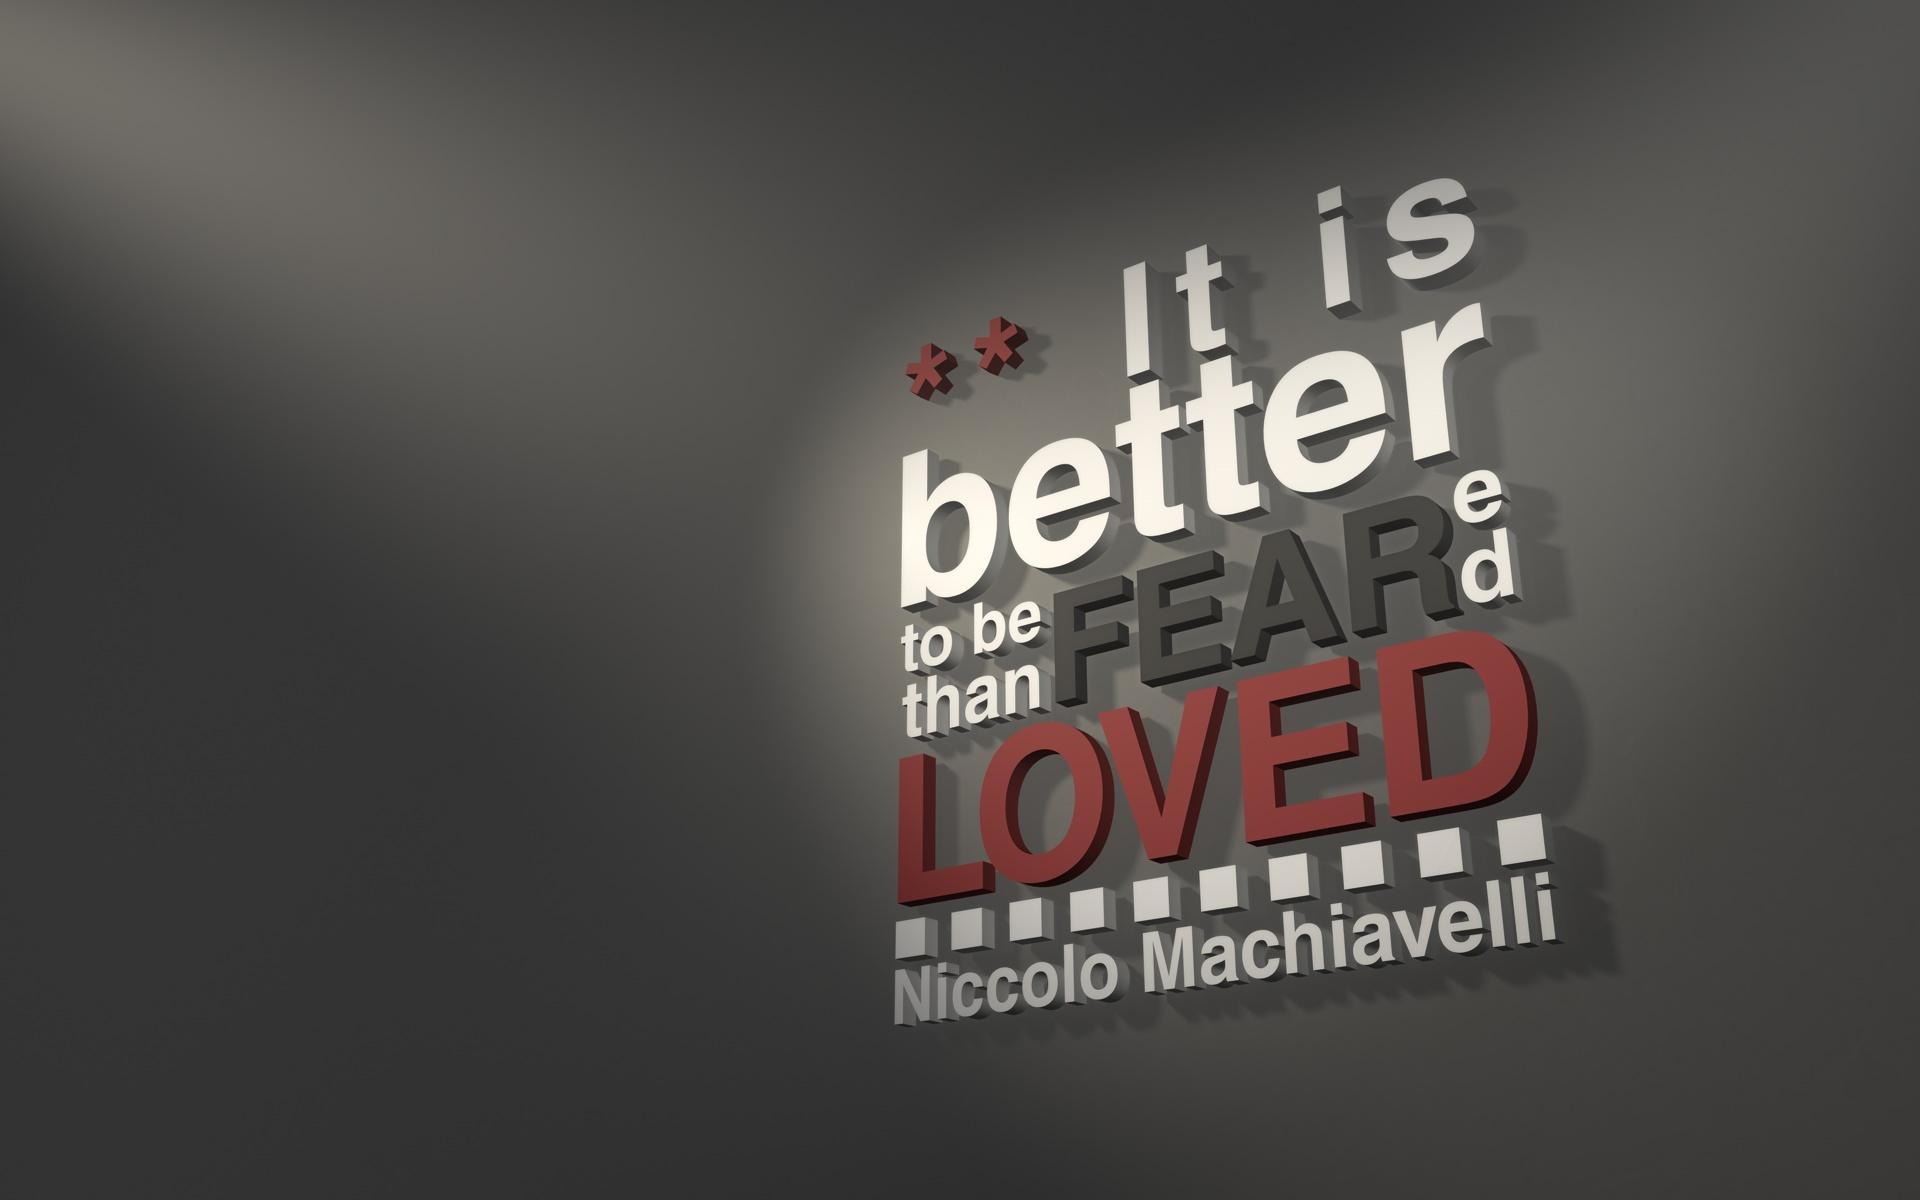 Niccolo Machiavelli's quote #3